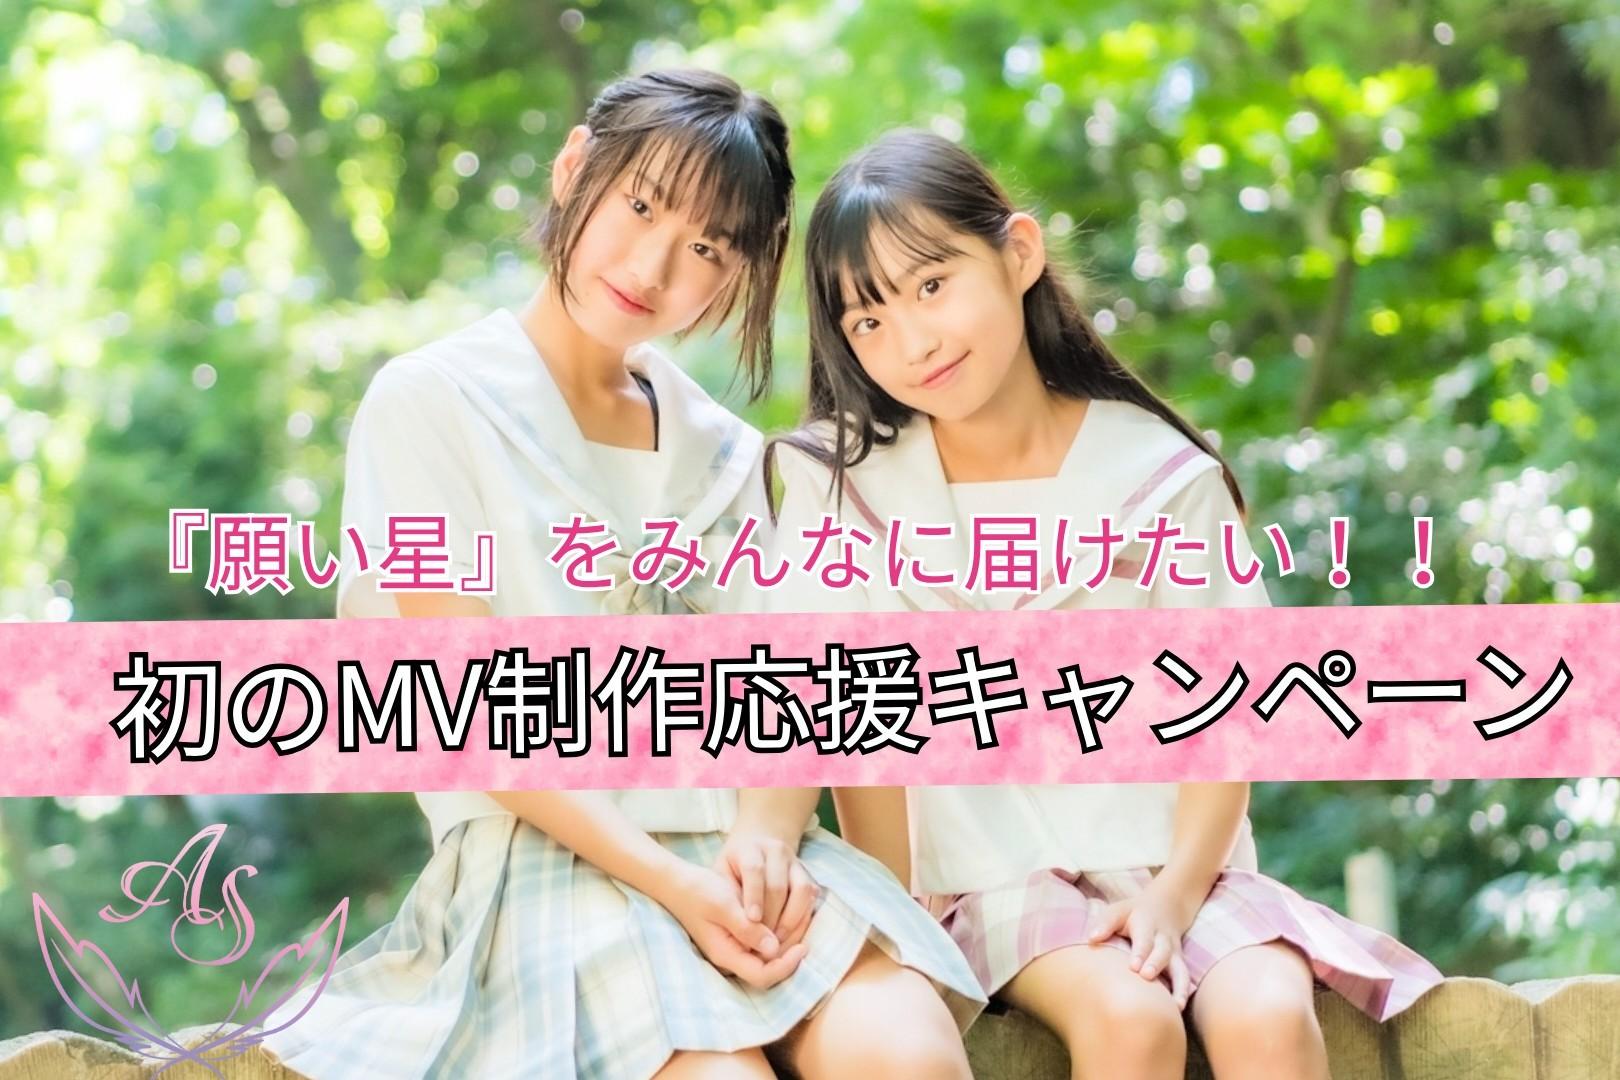 【Angel Sisters】「願い星」をみんなに届けたい!!初のMV制作応援キャンペーン!!